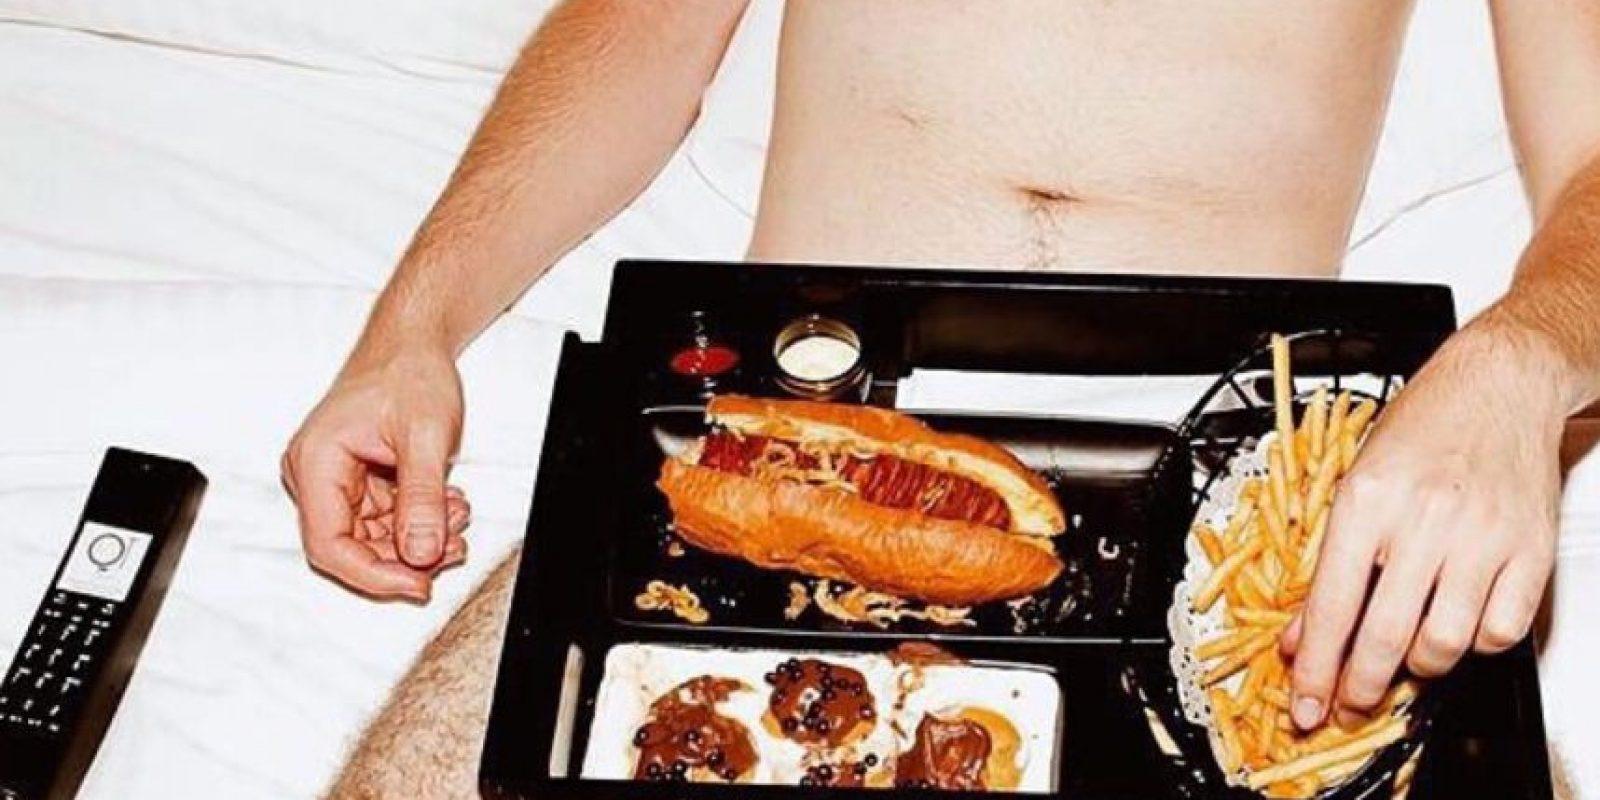 """El término """"food porn"""", con el que se conocen los apetitosos platos en Instagram y Pinterest, fue interpretado literalmente por la fotógrafa Sara Babah en Instagram Foto:Sex & Takeout"""